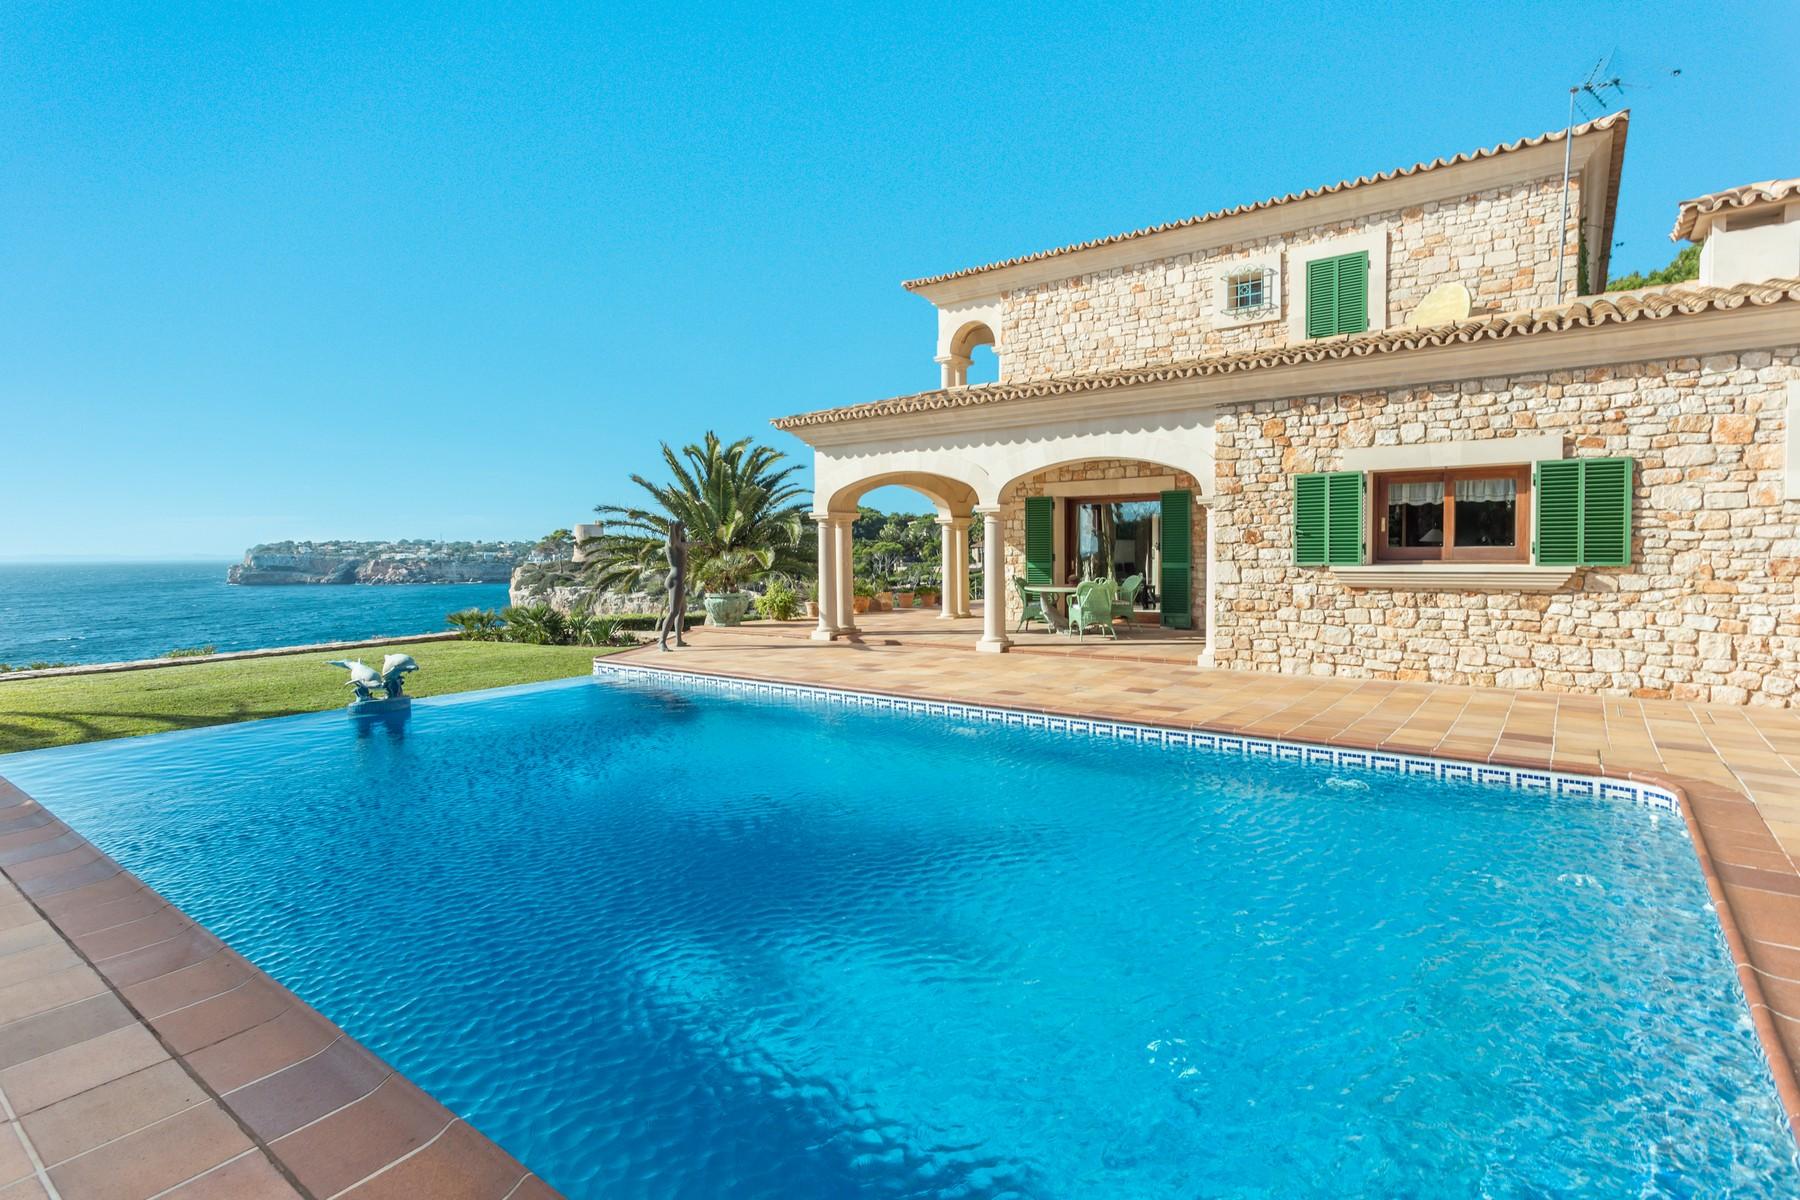 Casa Unifamiliar por un Venta en Exclusive frontline villa in Santanyí Santanyi, Mallorca, 07171 España